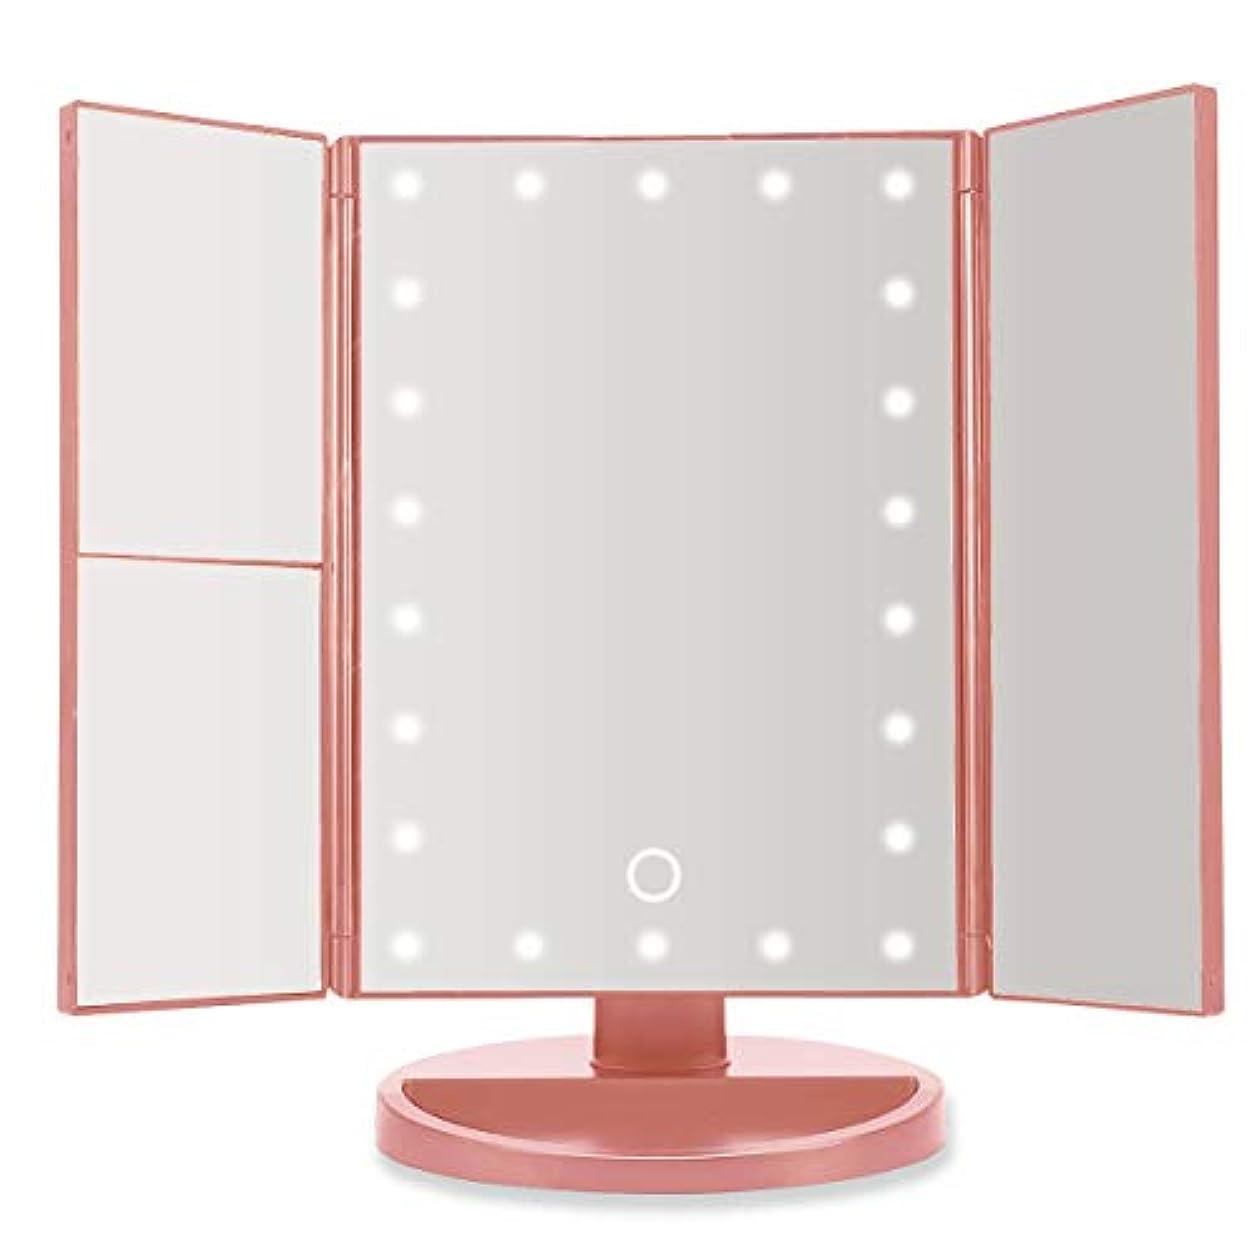 22LED付き3面鏡卓上女優ミラー ピンク